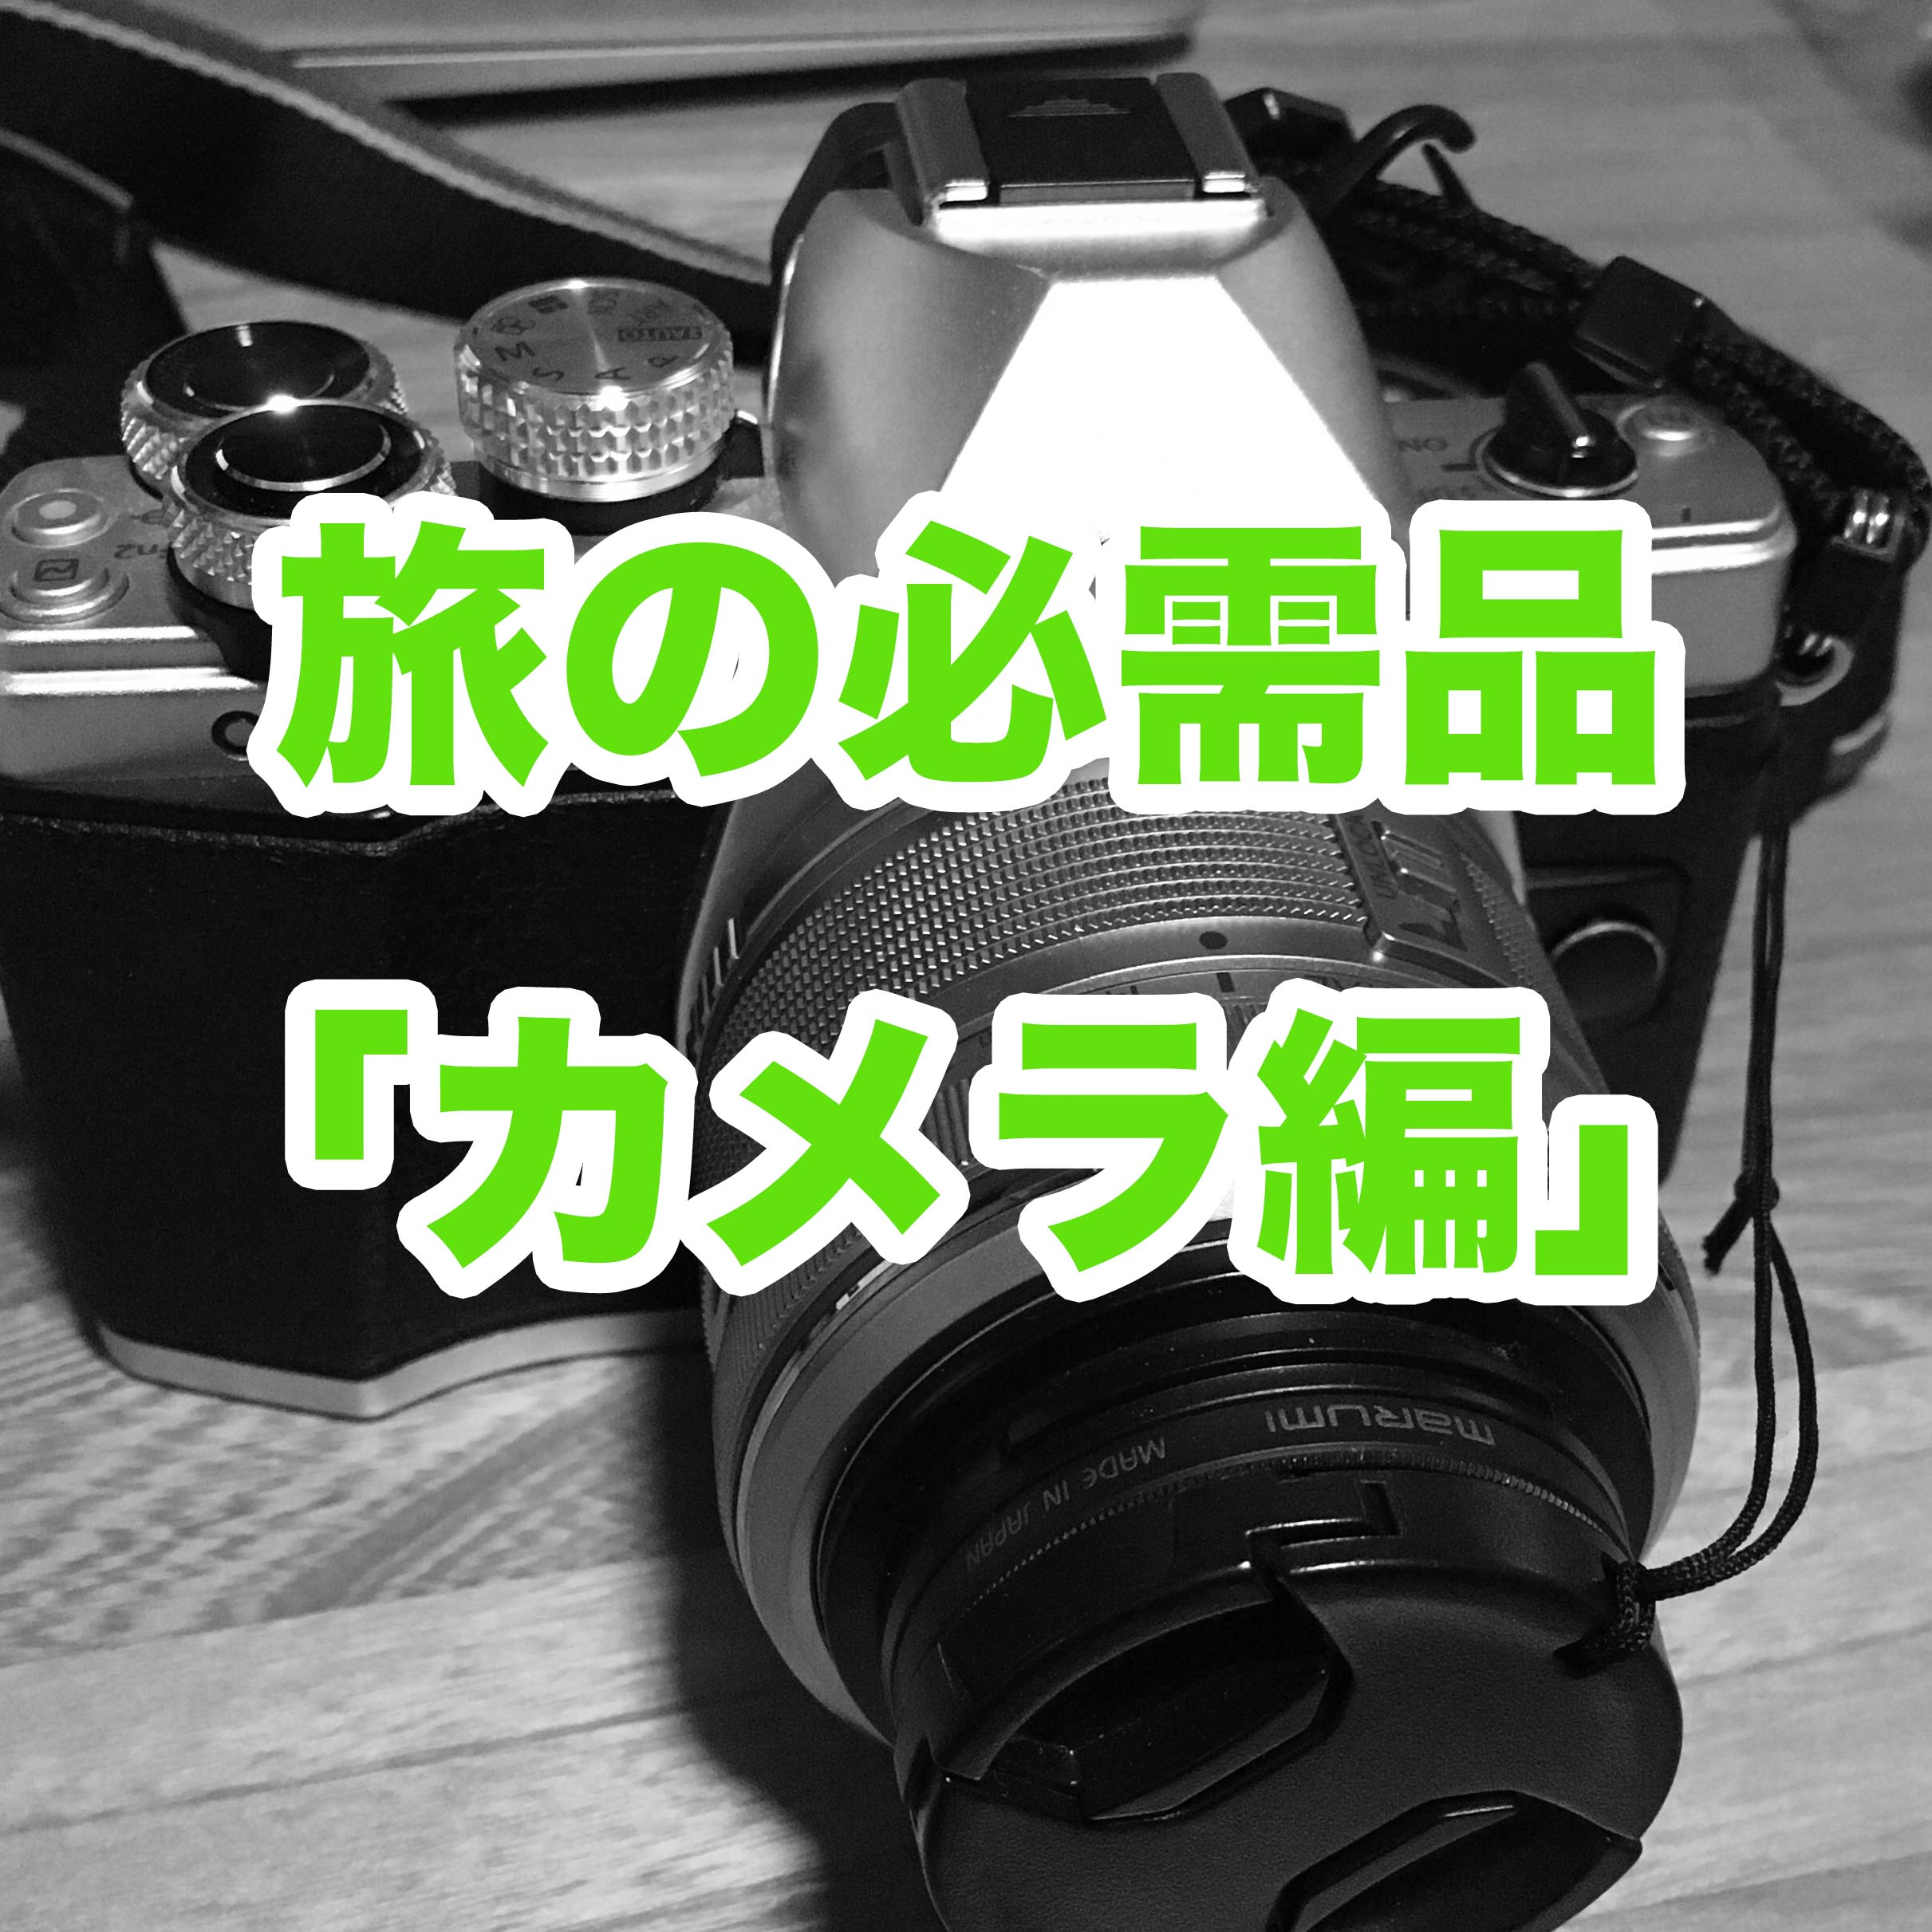 「カメラ編」旅行好き管理人が愛用している旅の必需品は何?